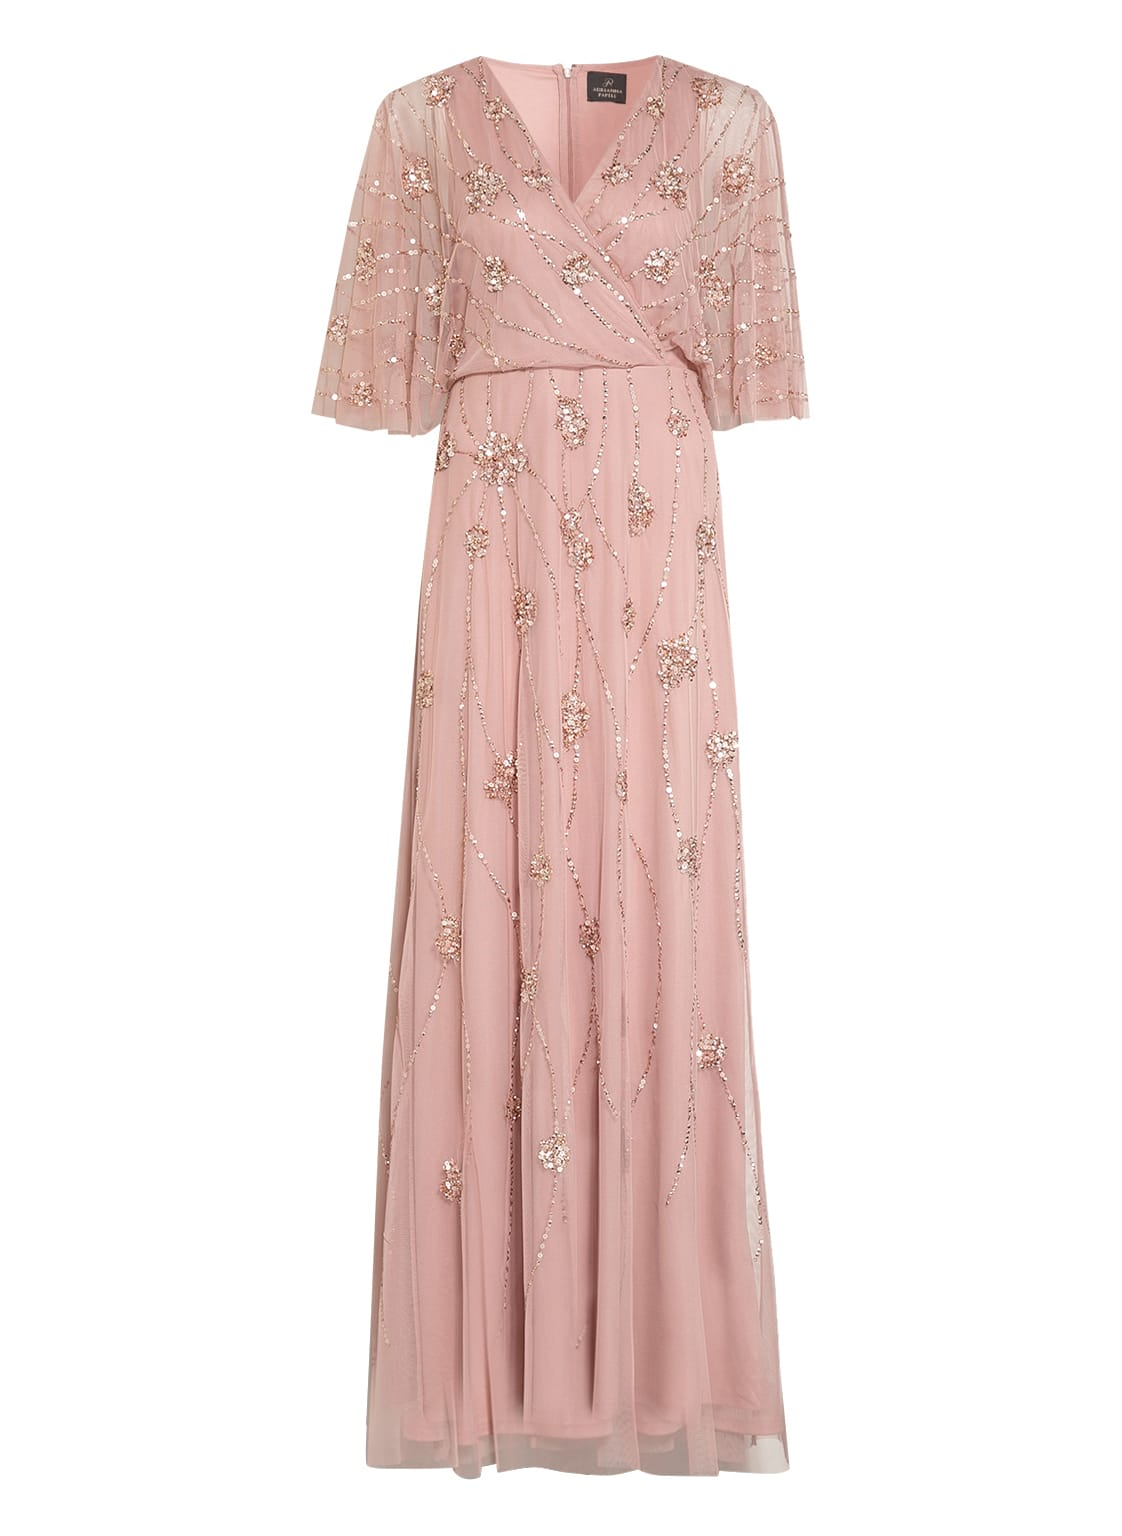 Image of Adrianna Papell Abendkleid Mit Paillettenbesatz rosa